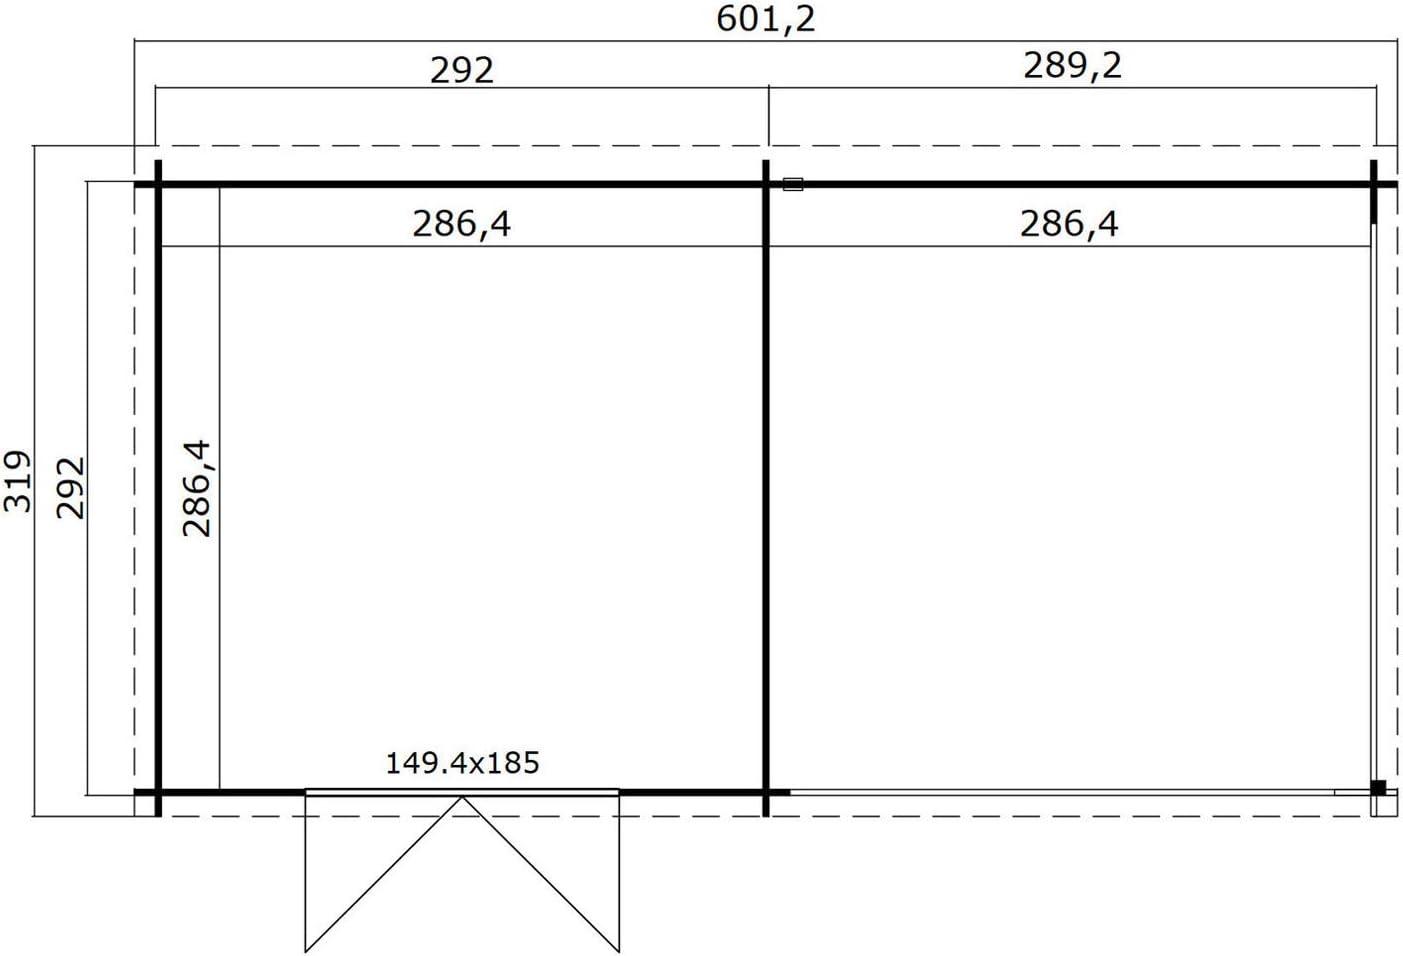 Gesch/ützt lasitamaja Orlando 292/x 292/cm 28/mm 8.20/M/² Vorzelt 289/cm 16.4/M2